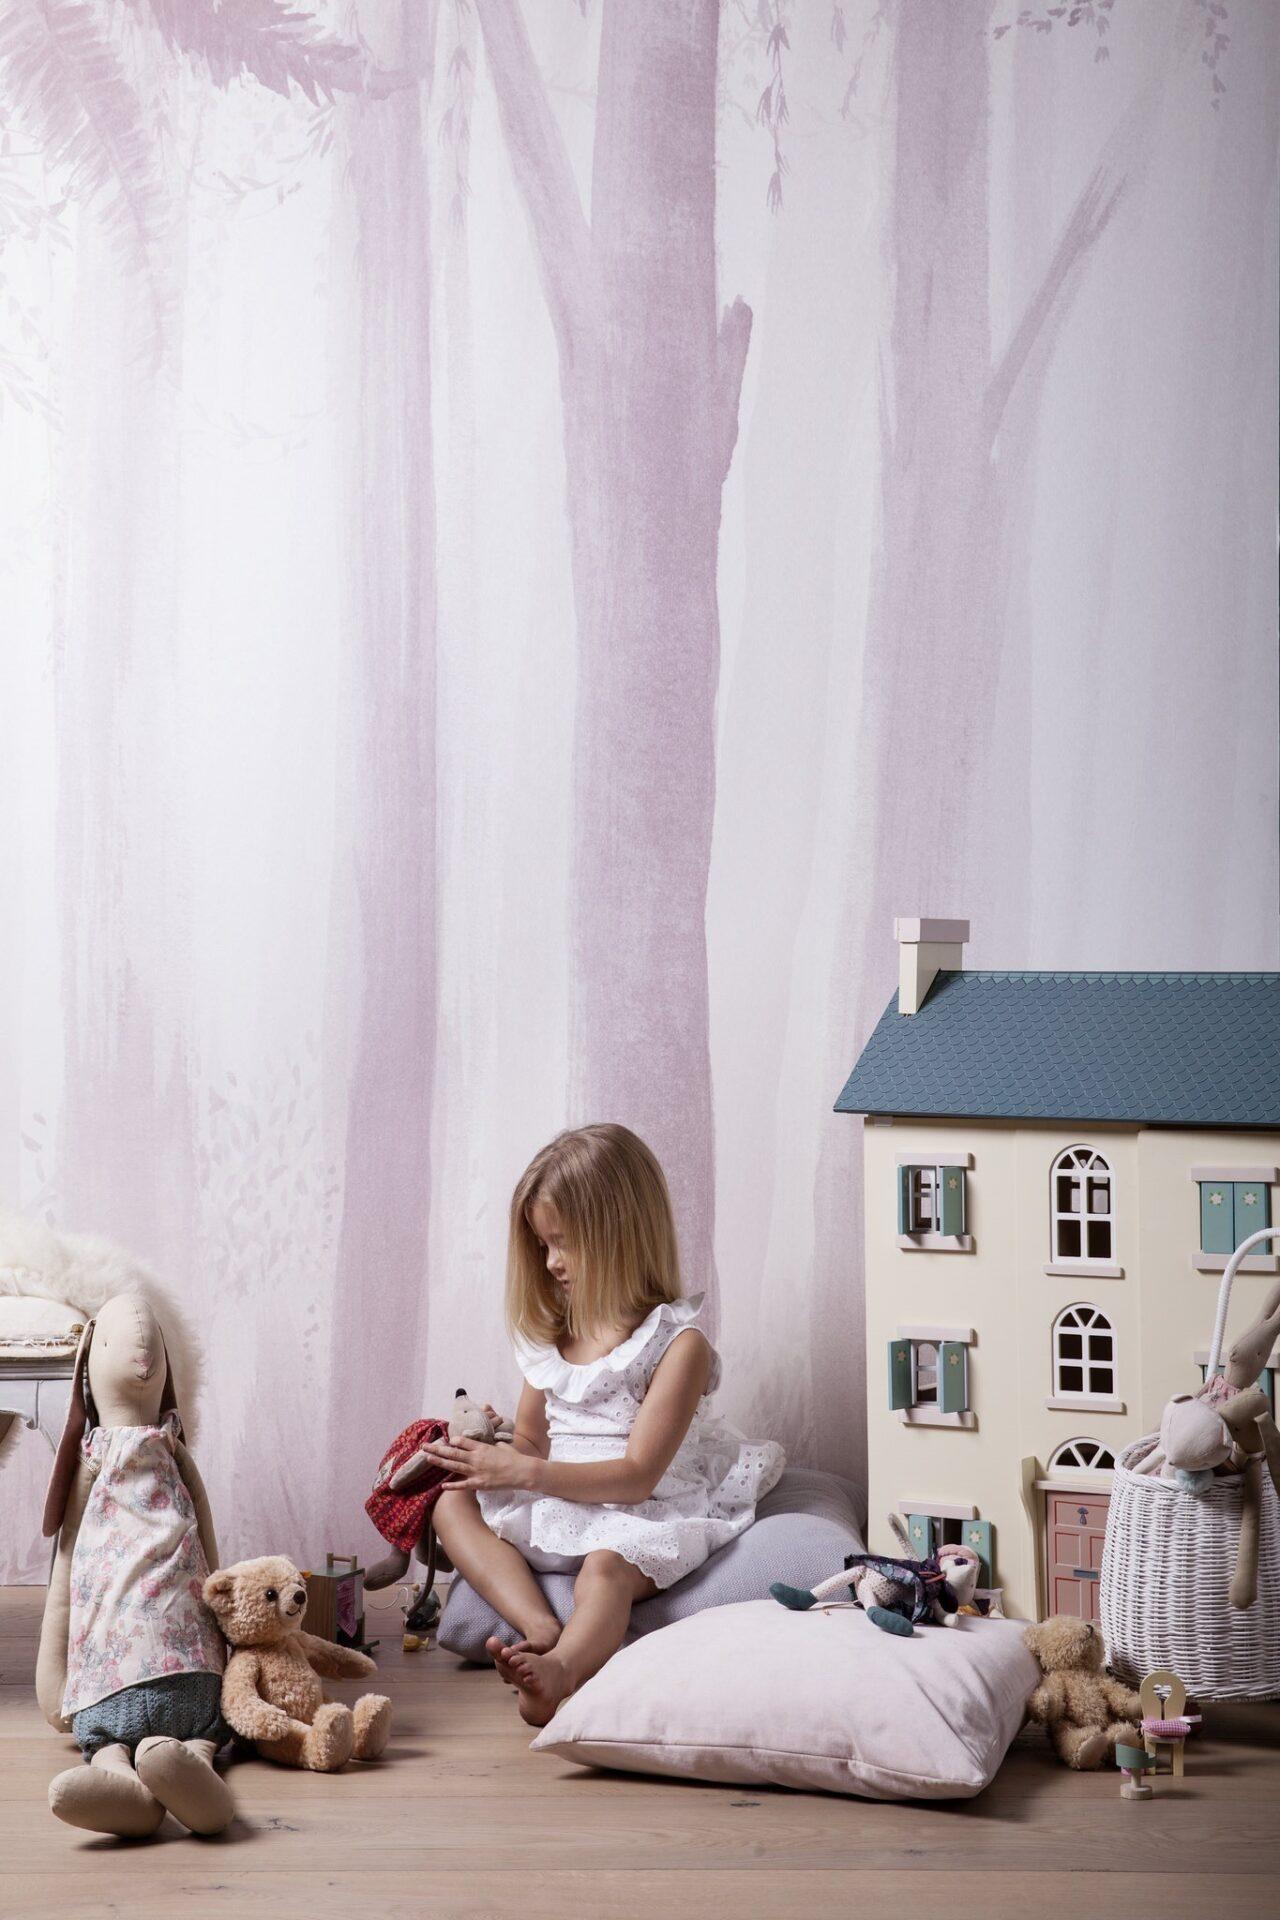 Ausgefallene Tapete mit Bäumen im Kinderzimmer